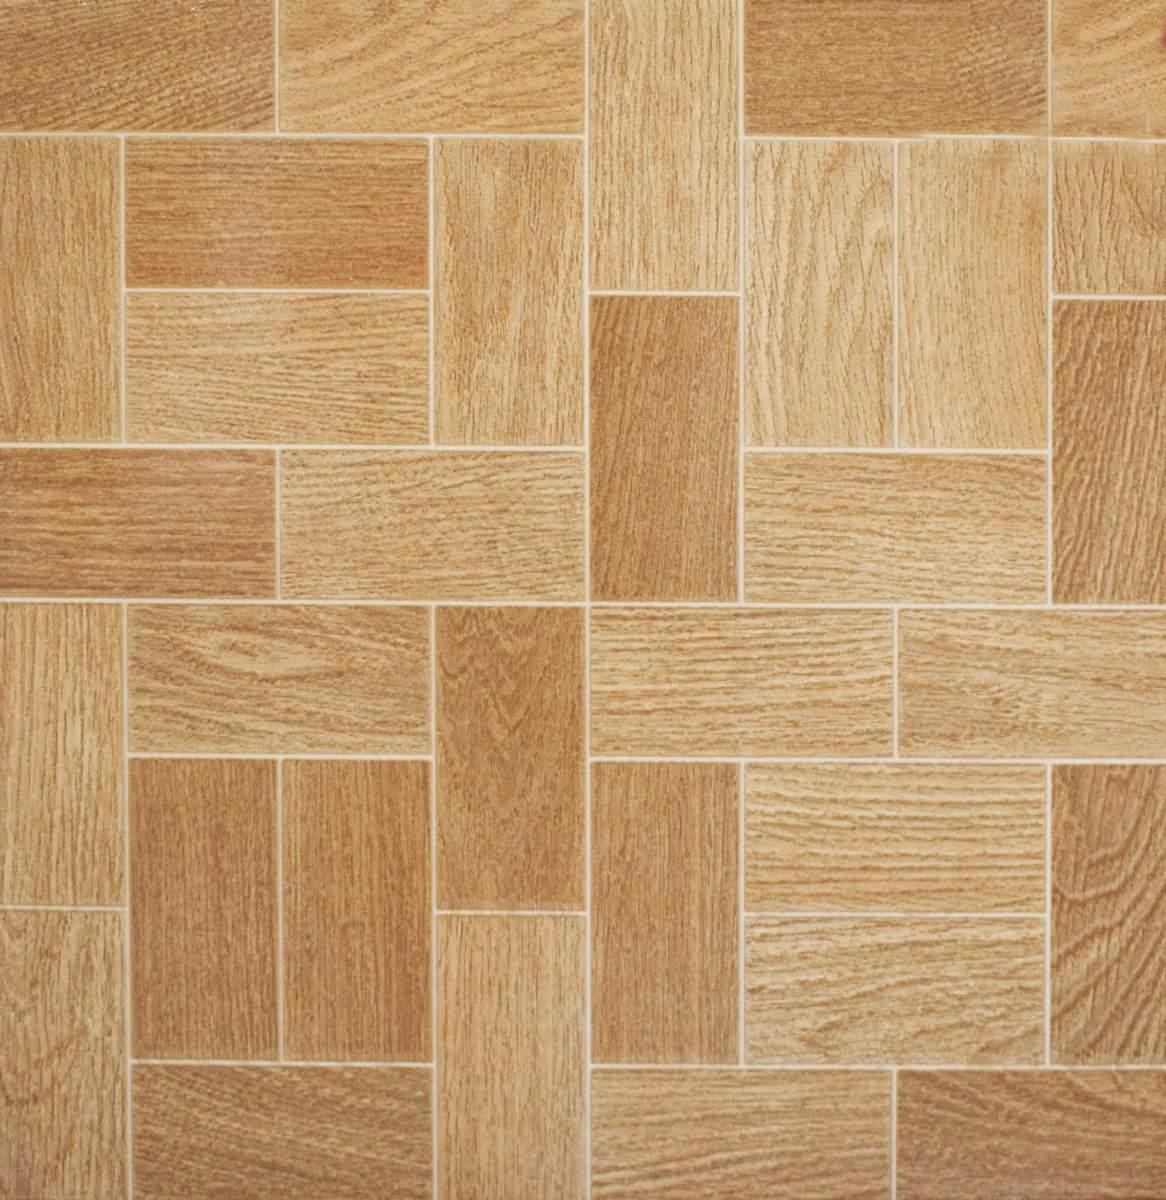 Suelo ceramico imitacion madera precio finest saln con suelo cermico with suelo ceramico - Suelos ceramica imitacion madera precios ...